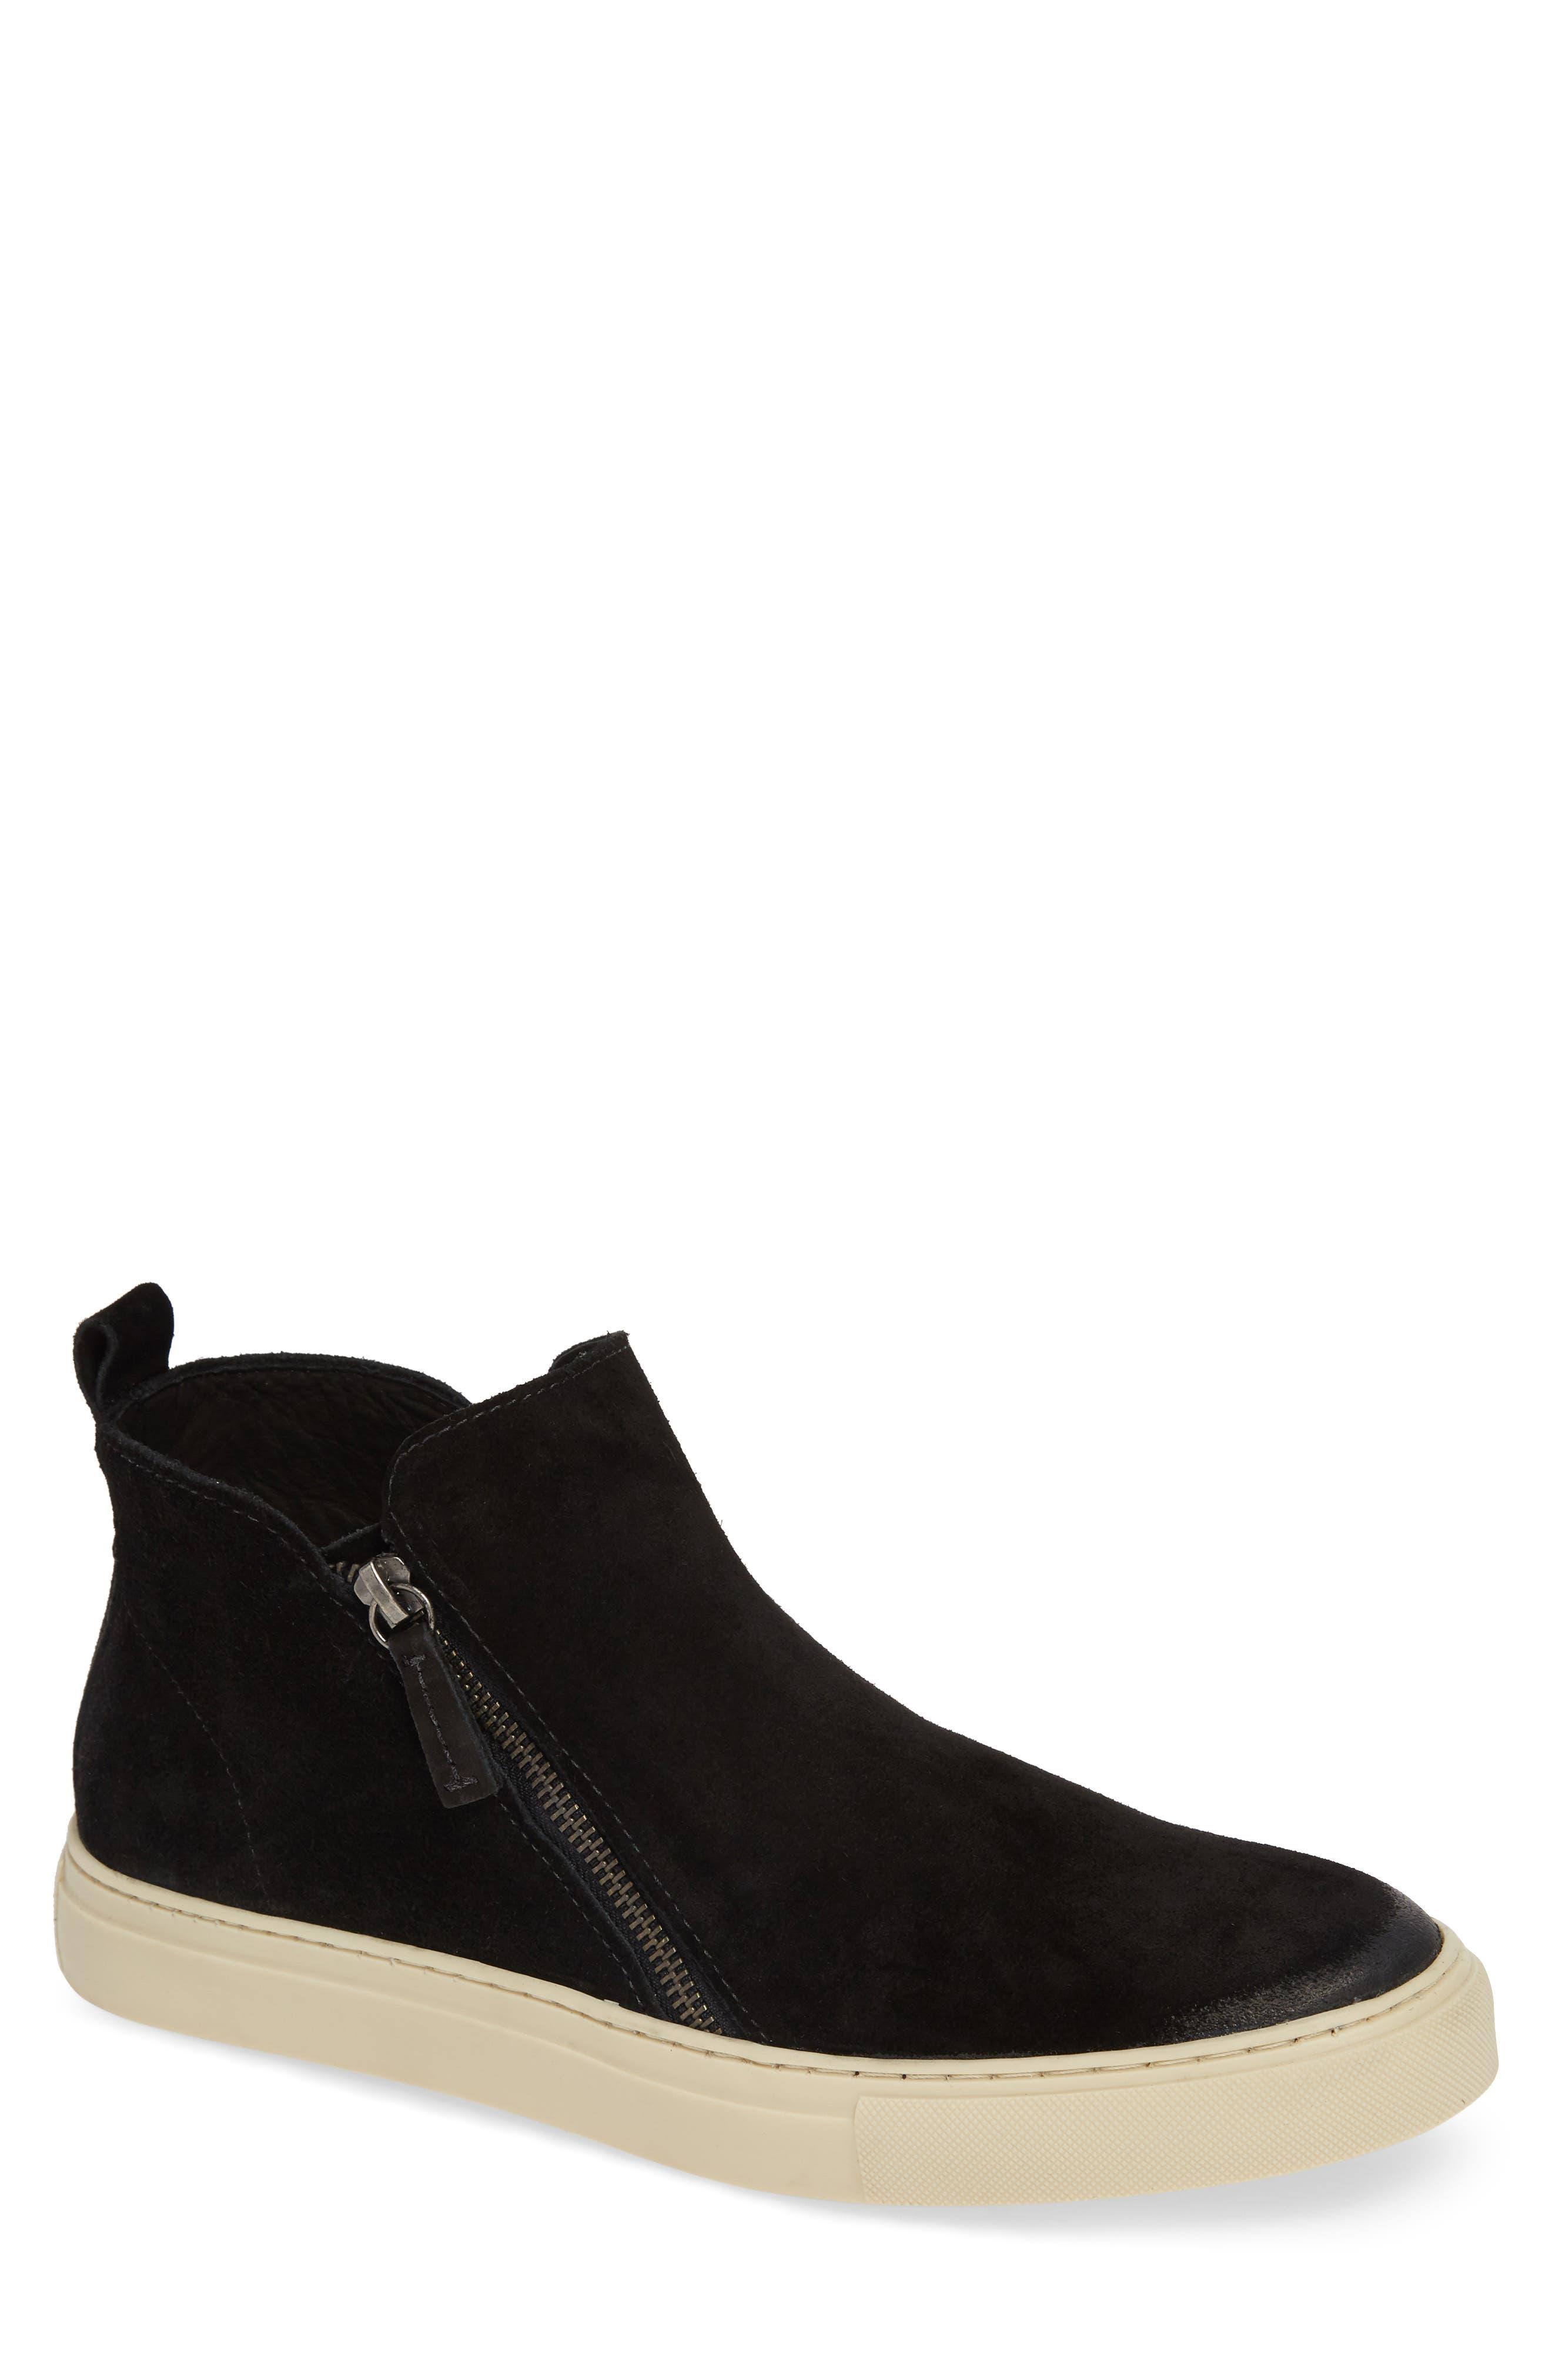 Barlow Zip Boot,                         Main,                         color, BLACK